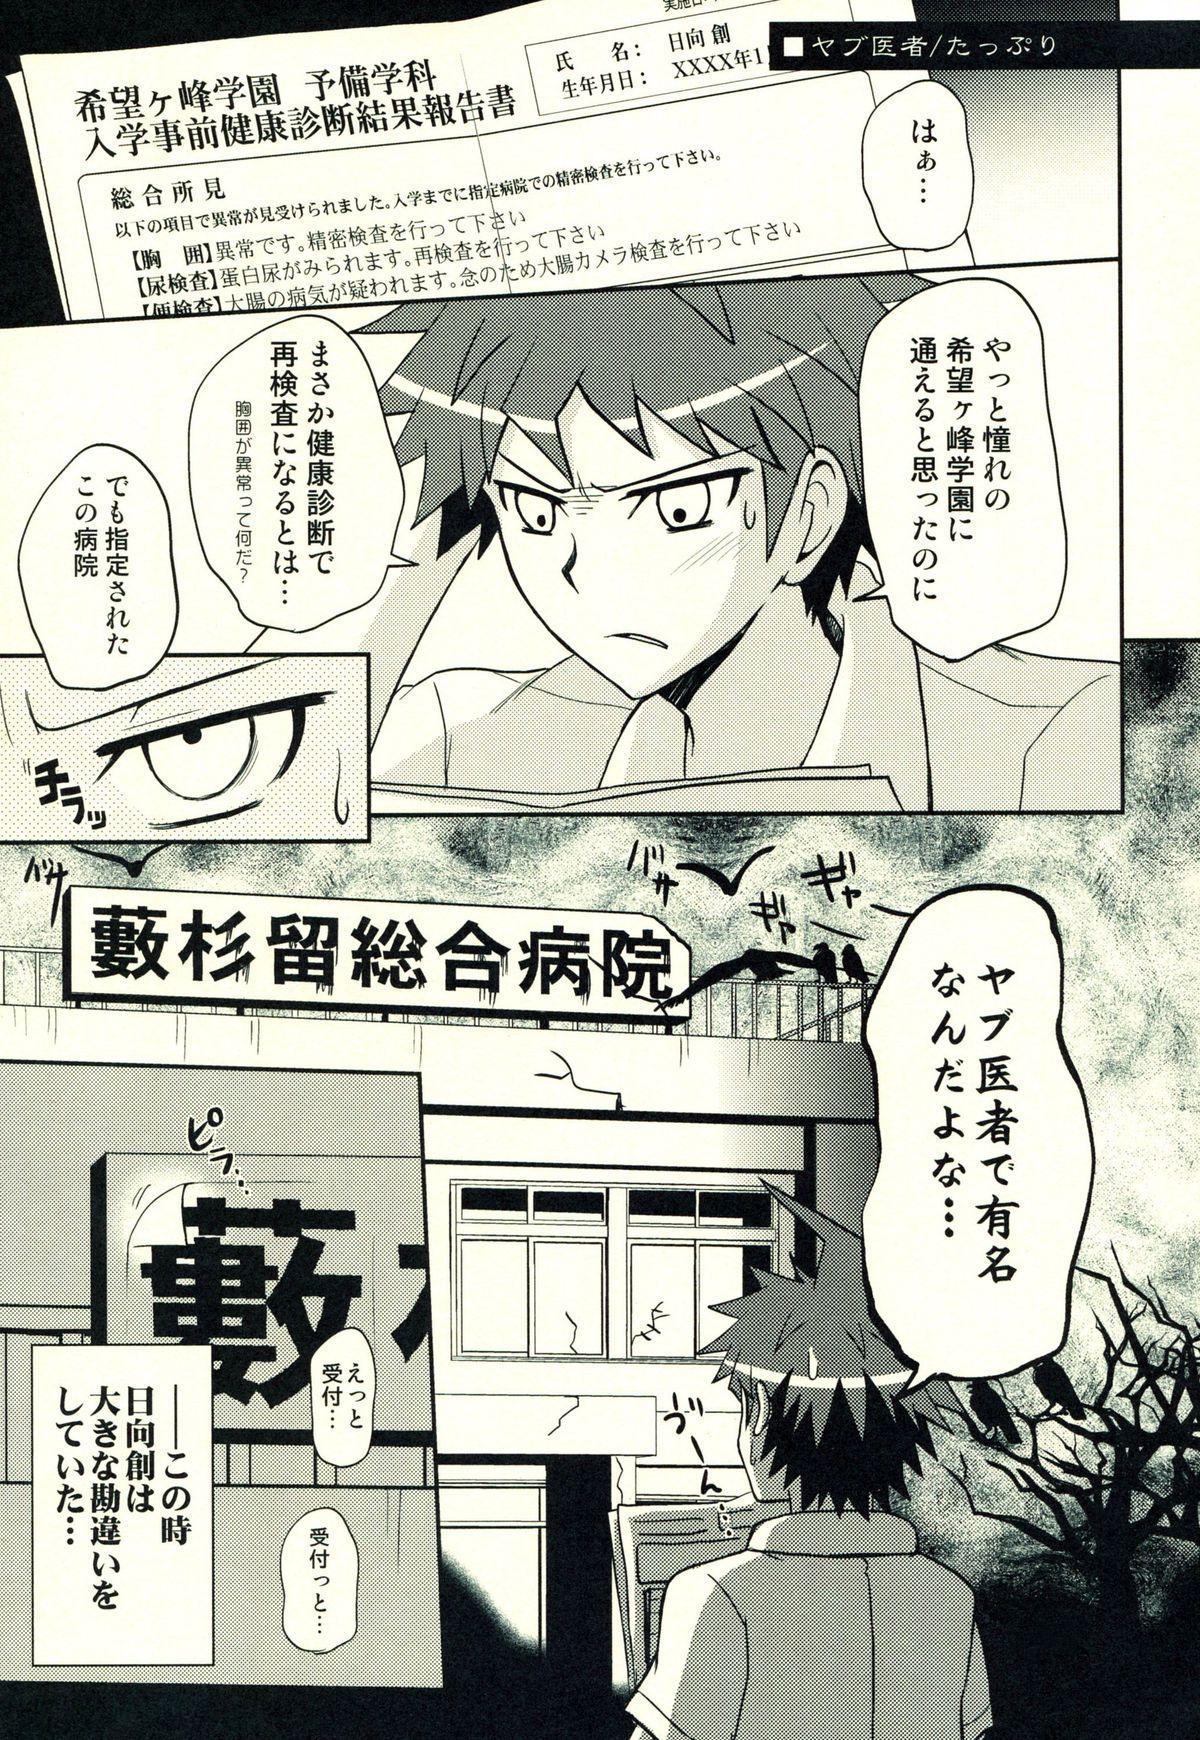 Hinata Hajime no Himitsu no Jikan 43